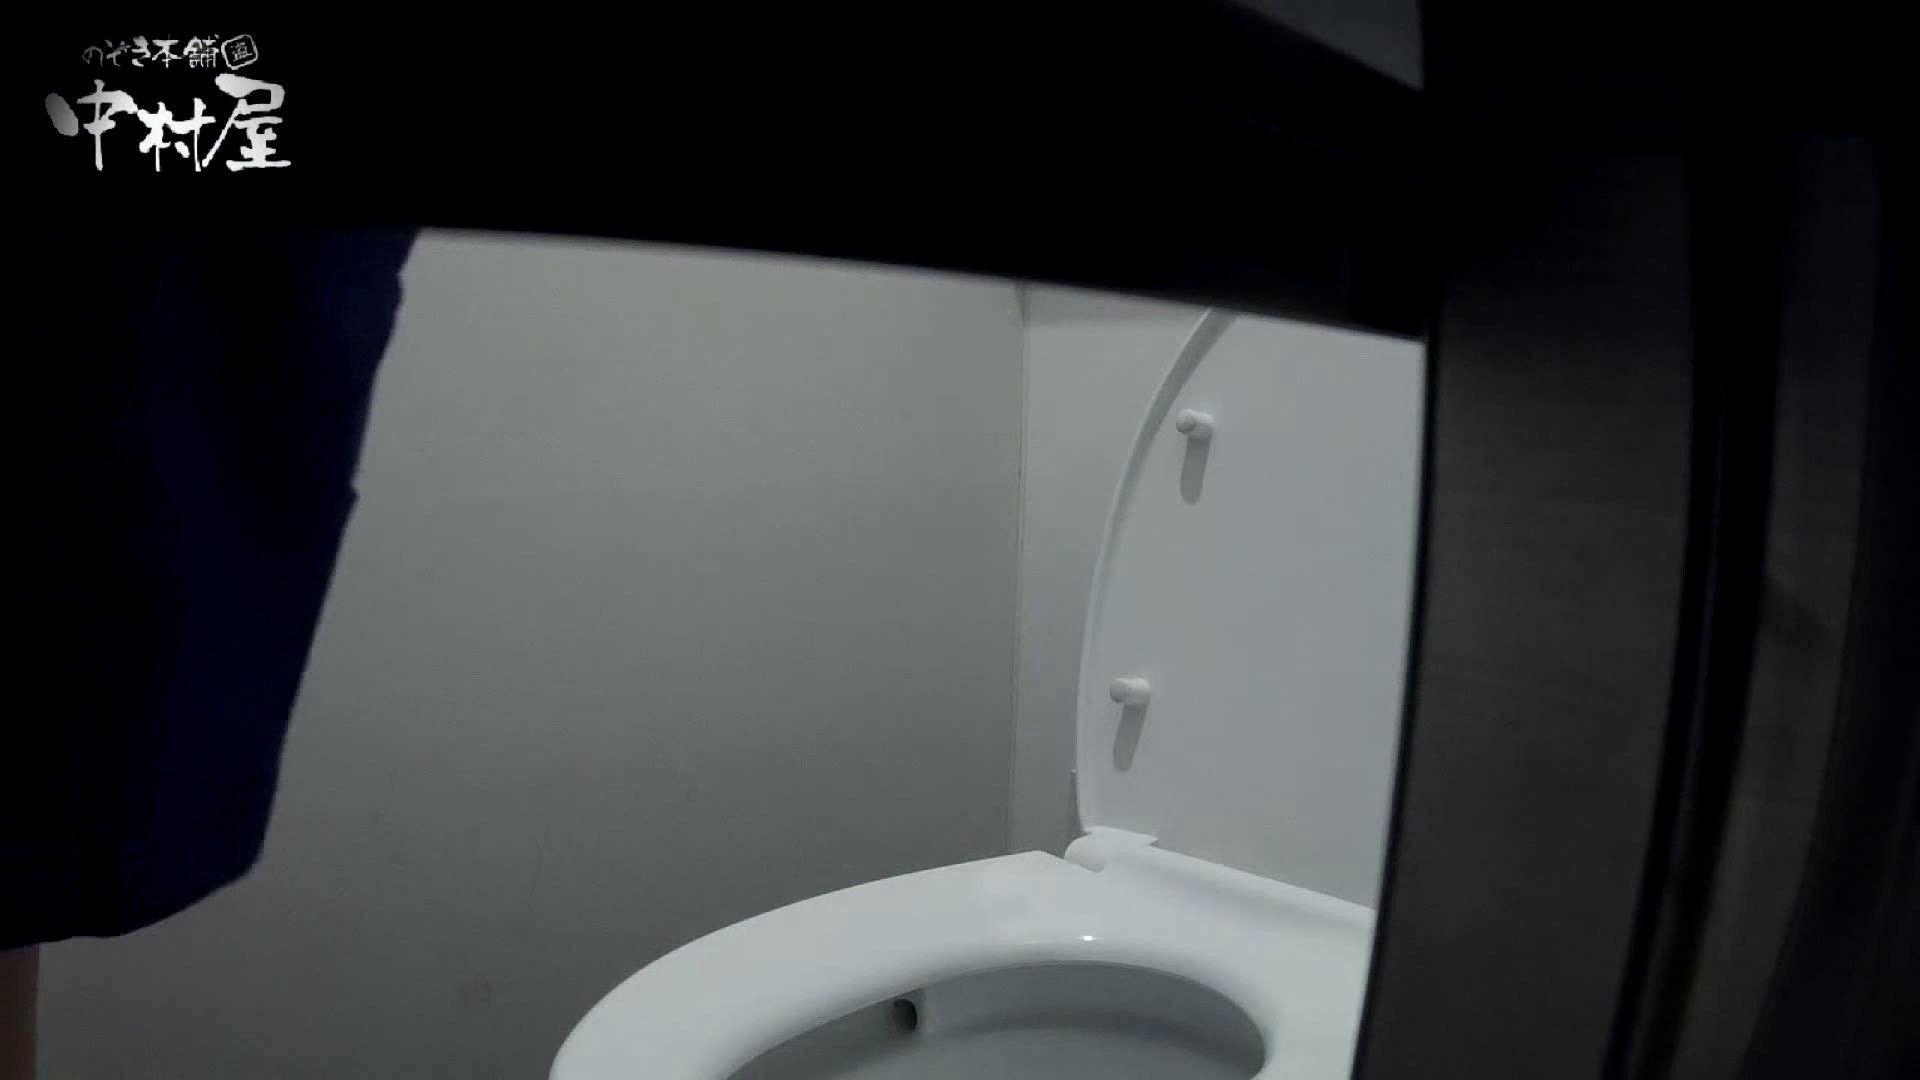 【某有名大学女性洗面所】有名大学女性洗面所 vol.40 ??おまじない的な動きをする子がいます。 和式 AV動画キャプチャ 88枚 29